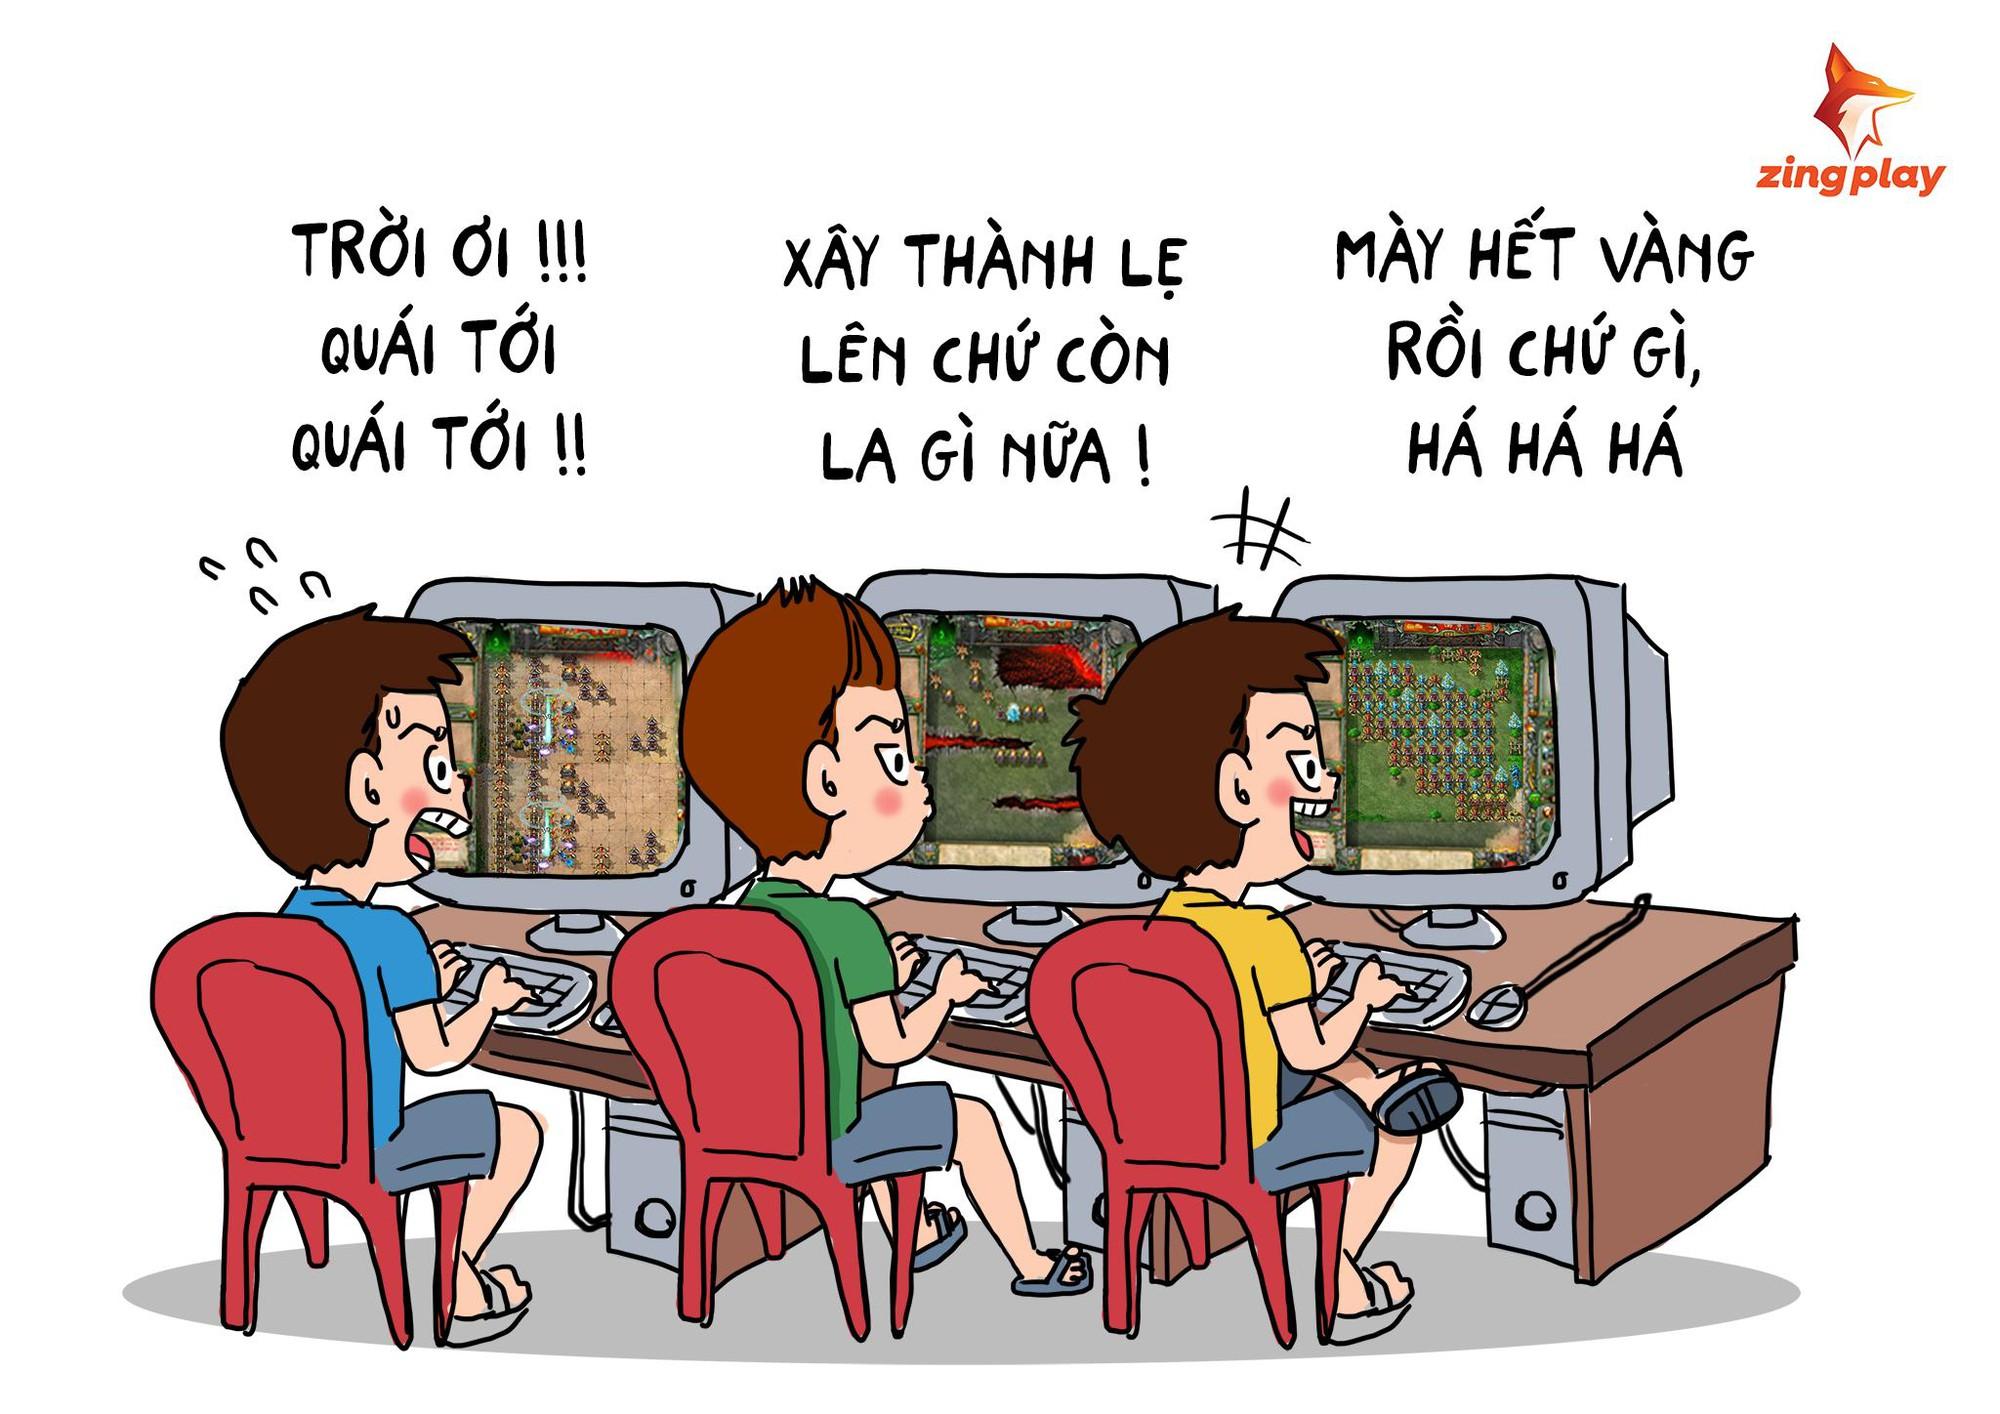 """Nhìn lại """"tuổi thơ dữ dội"""" của game thủ Việt bên cổng game giải trí ZingPlay - Ảnh 3."""